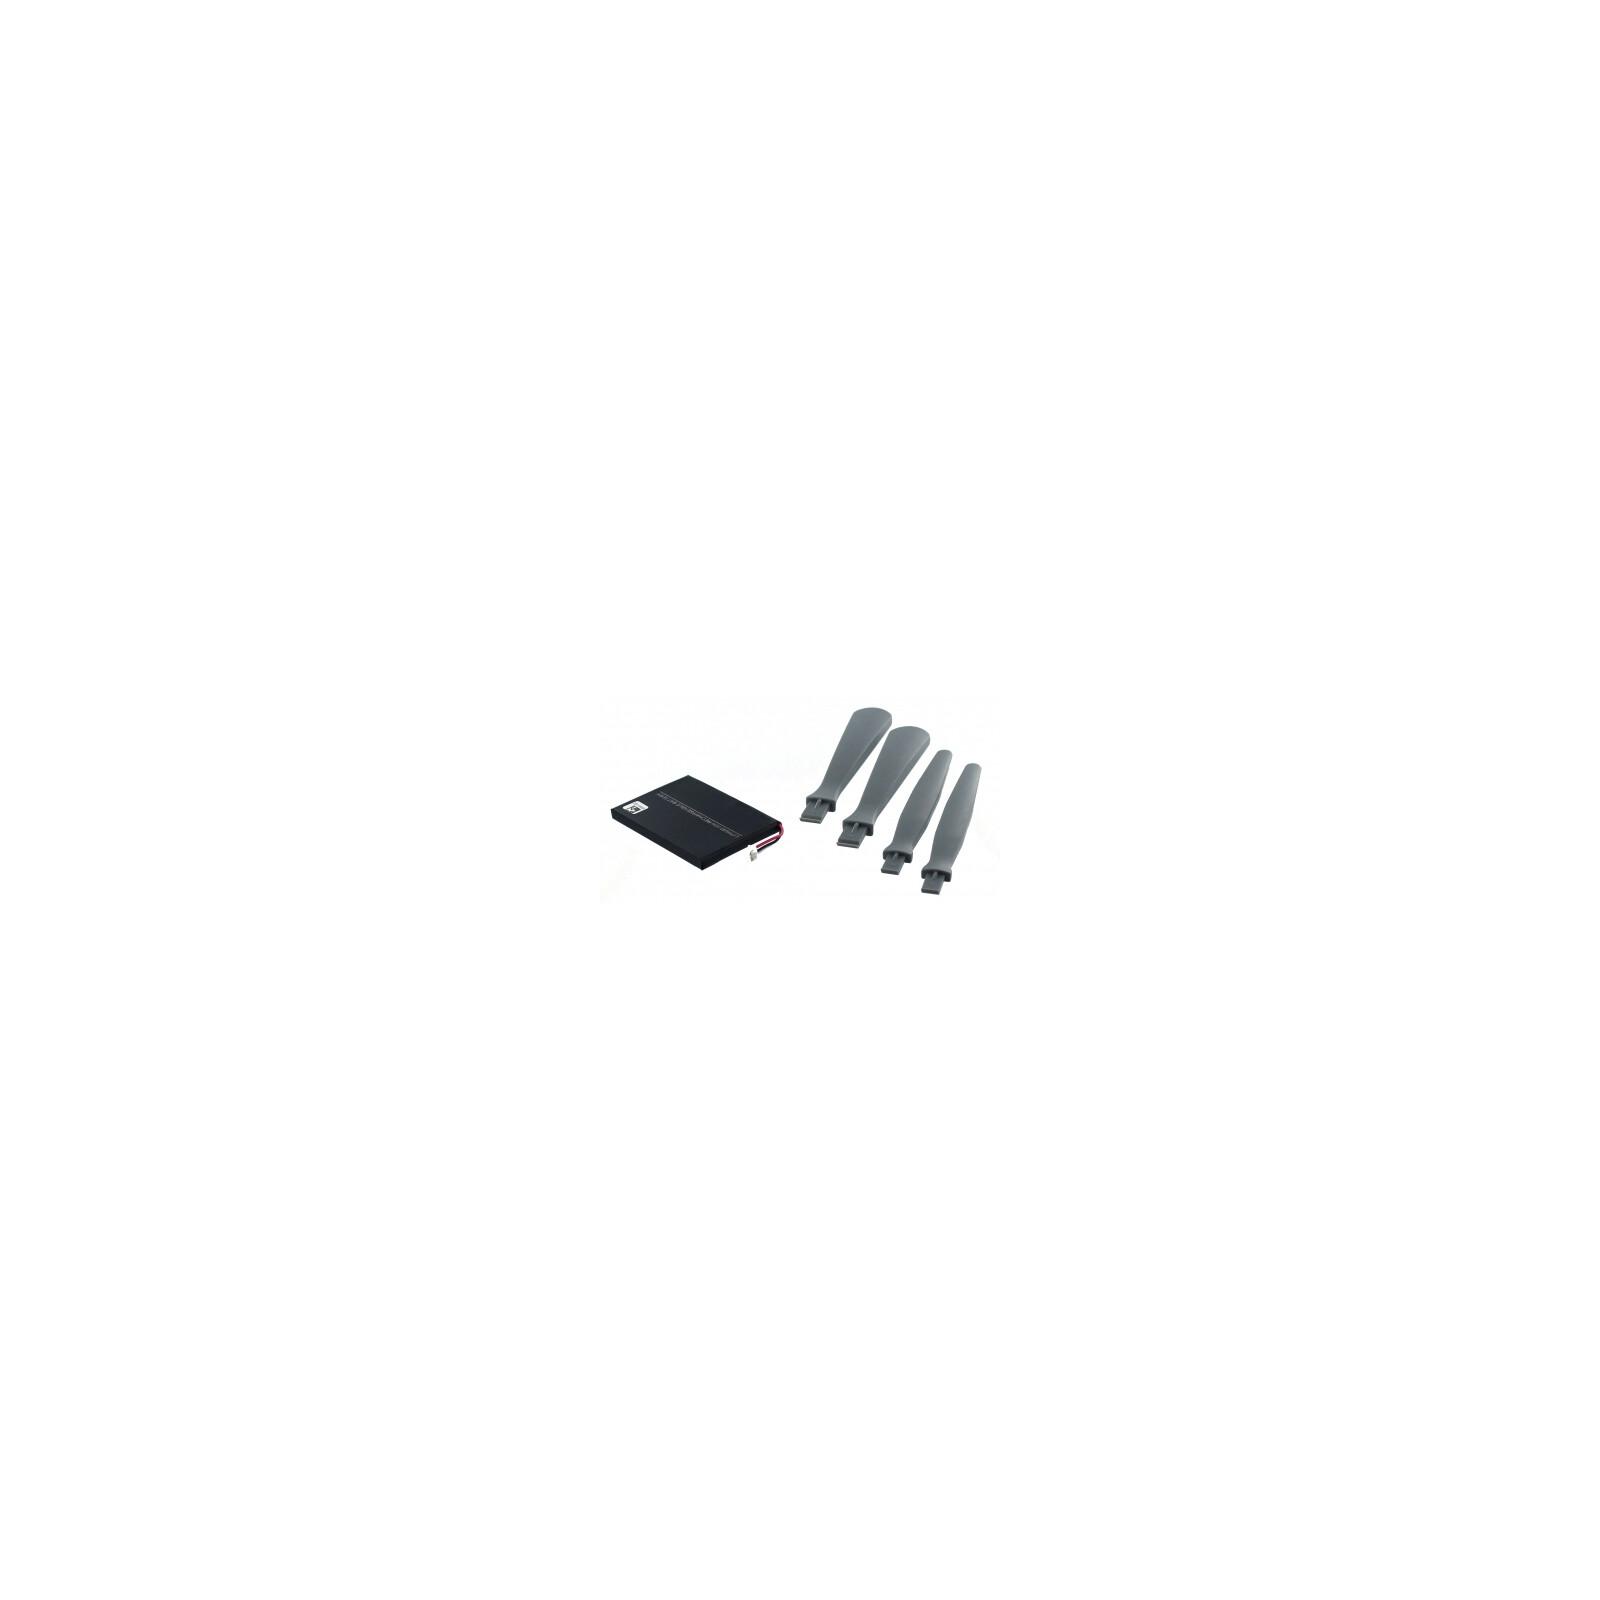 AGI Akku Apple iPod 4G 750mAh